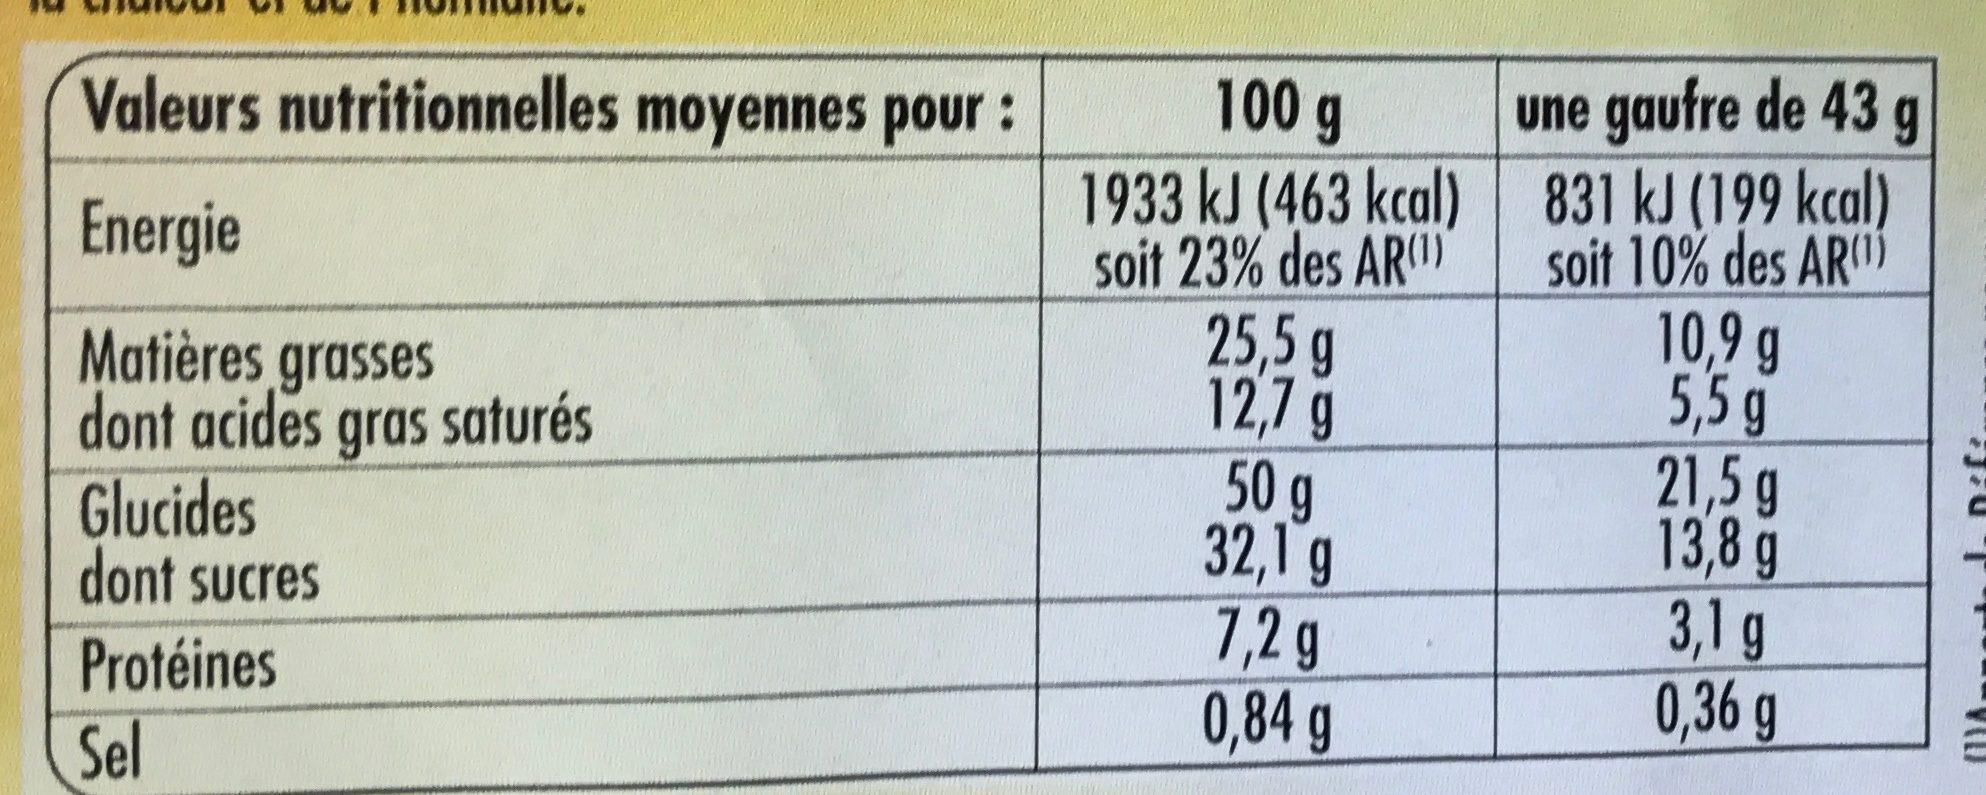 Gaufres molles poudrées au sucre - Informations nutritionnelles